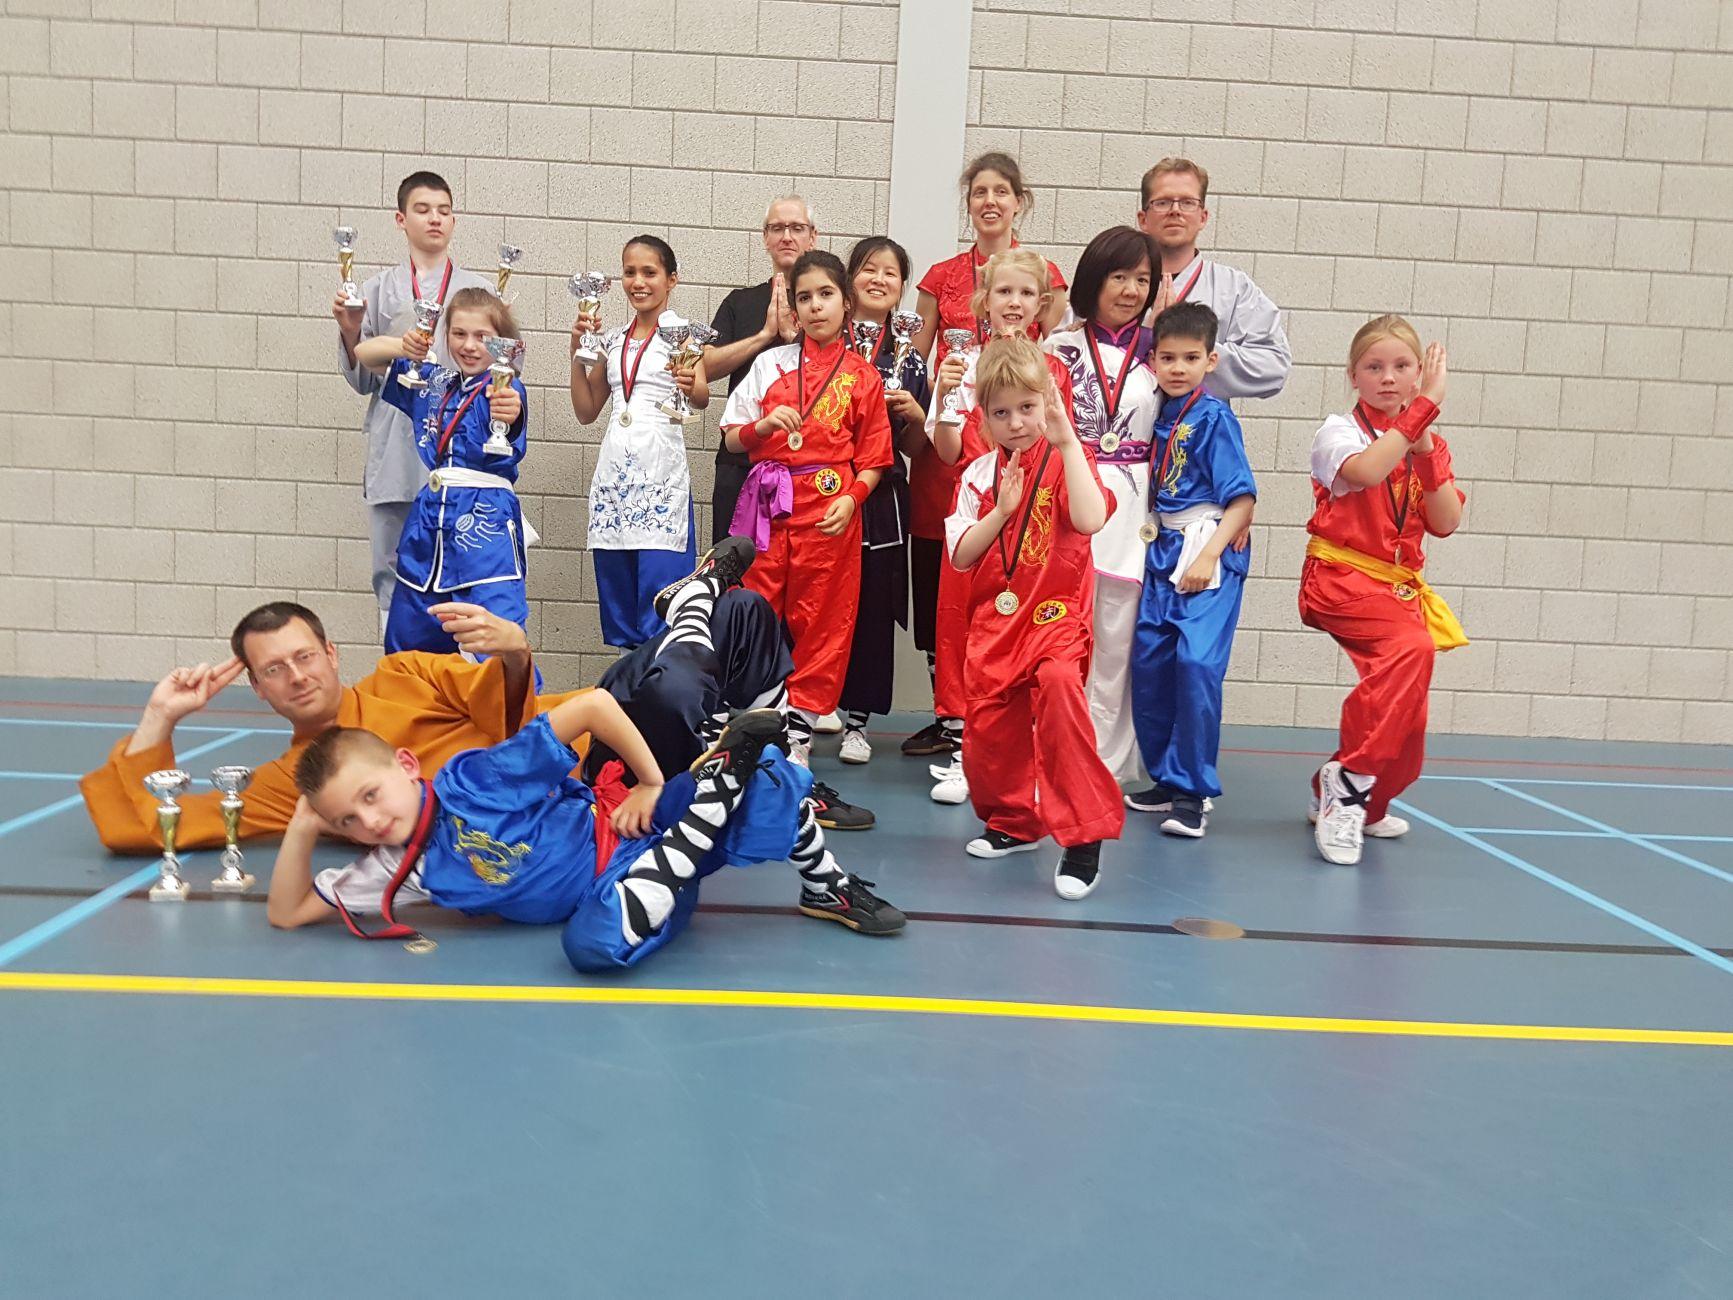 Winst: 2x Zilver voor Douwe ter Horst op Shaolin NK 2019